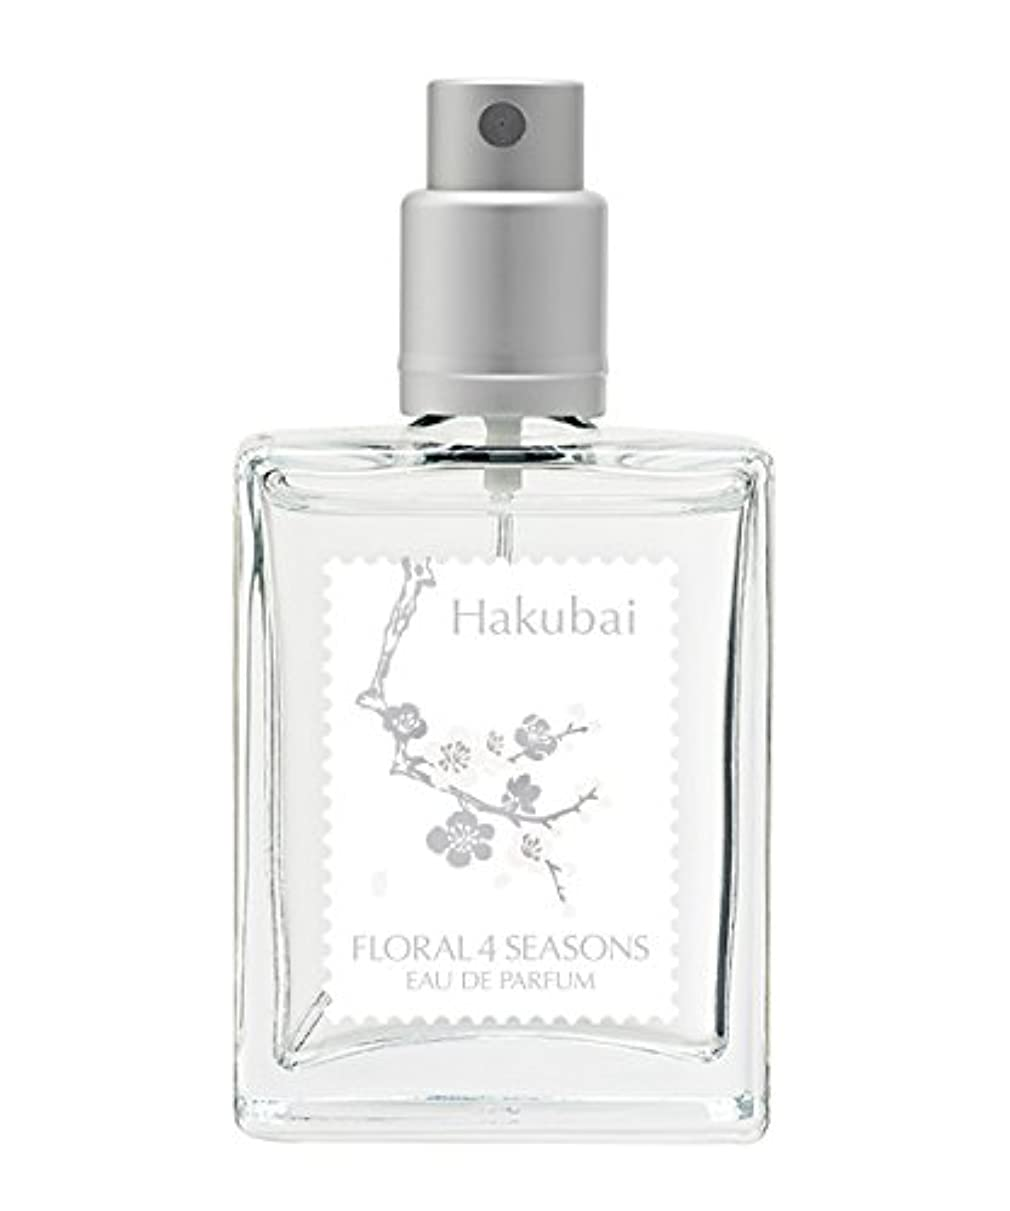 アライアンス絶滅した影響力のある武蔵野ワークスの香水「白梅」(ハクバイ)(EDP/25mL)